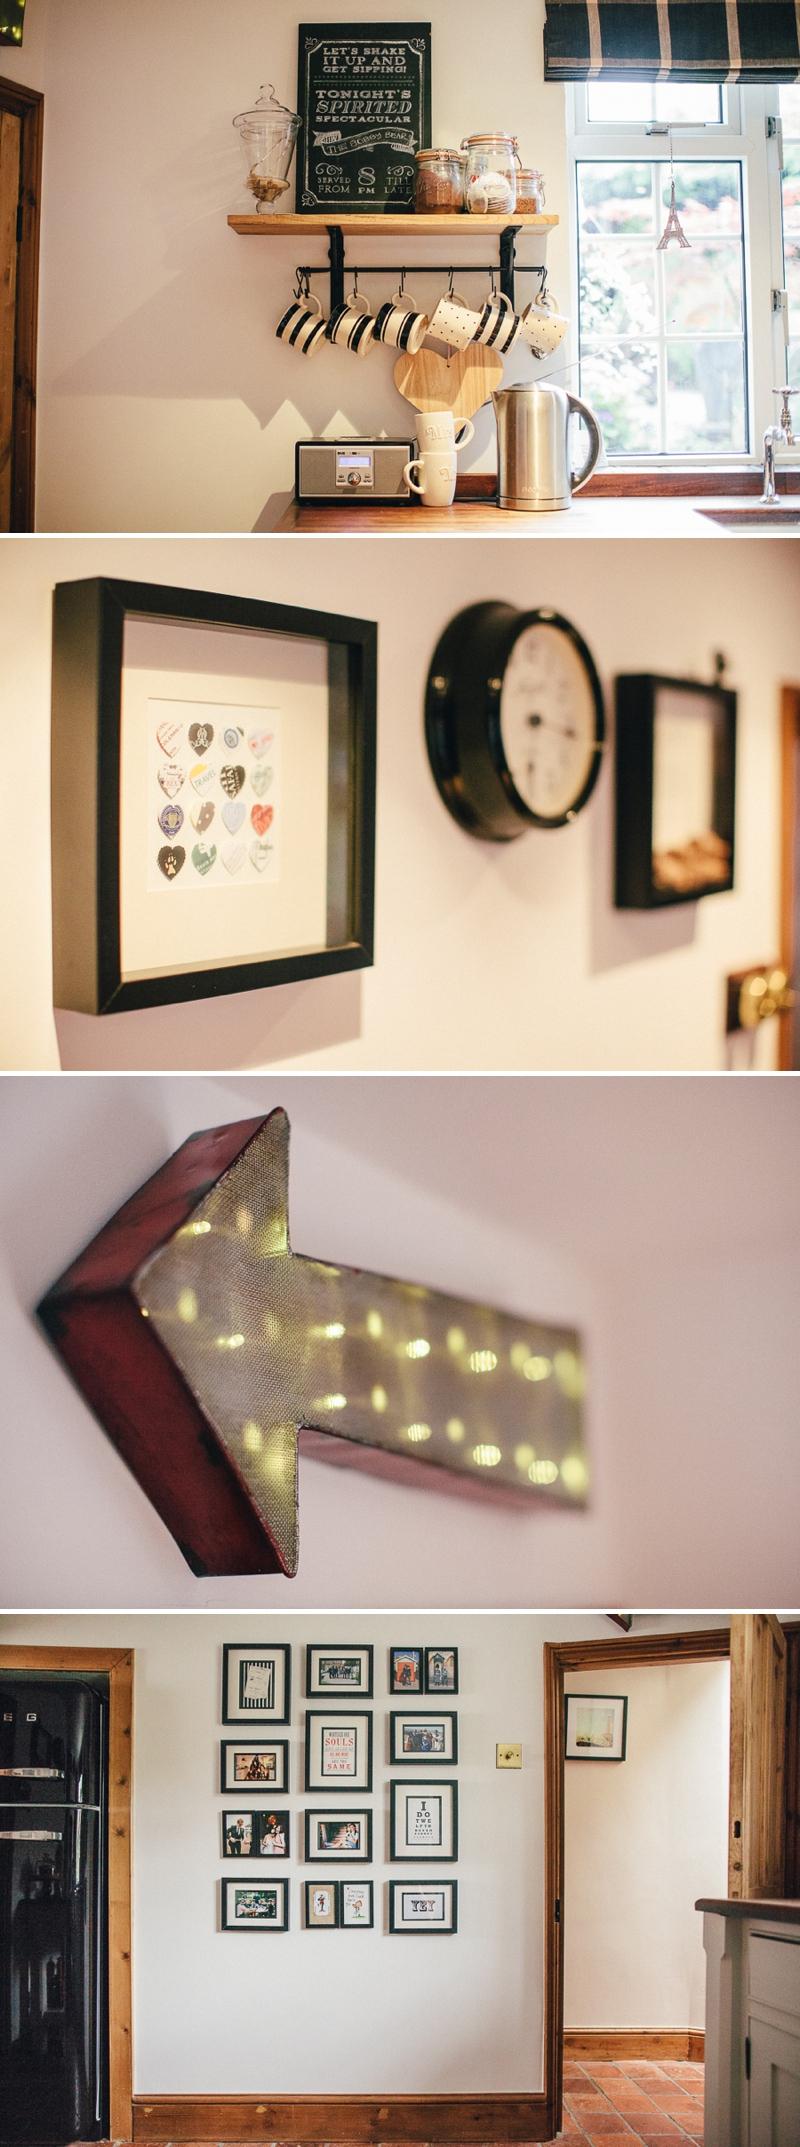 Fairly light contemporary home interiors blog_0118